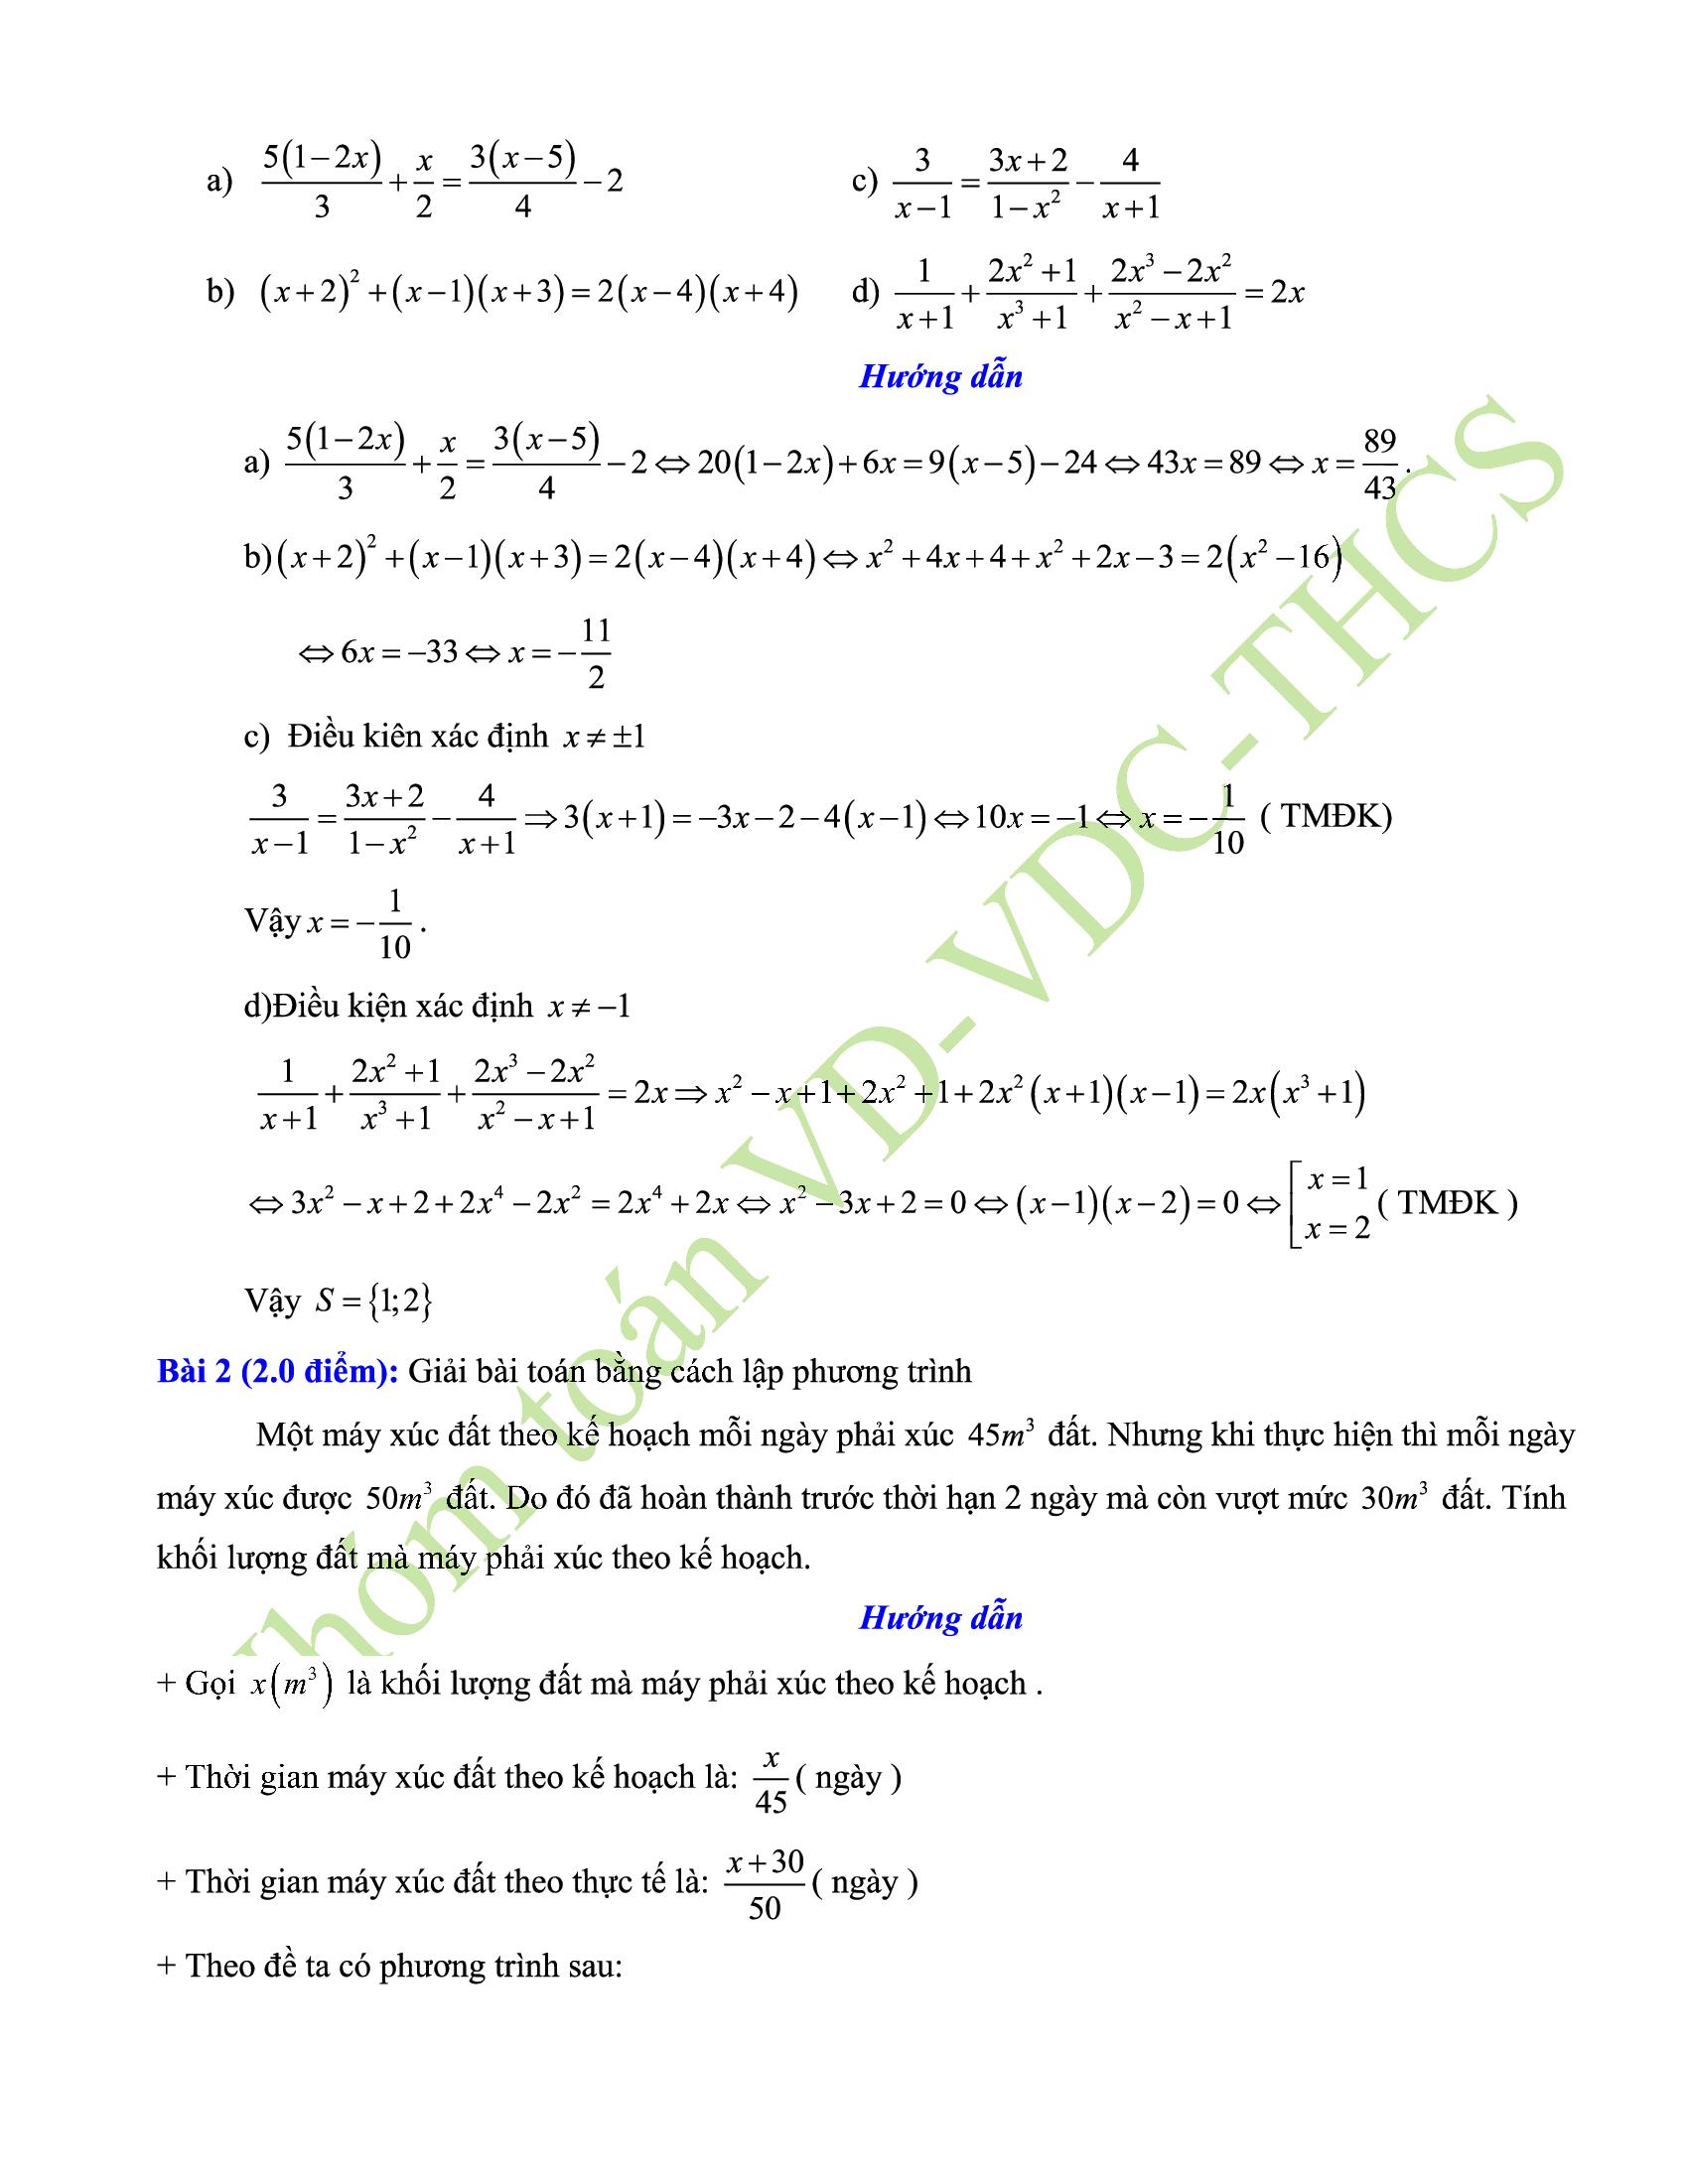 29+ đề thi giữa hk2 toán 8 hay nhất 2021